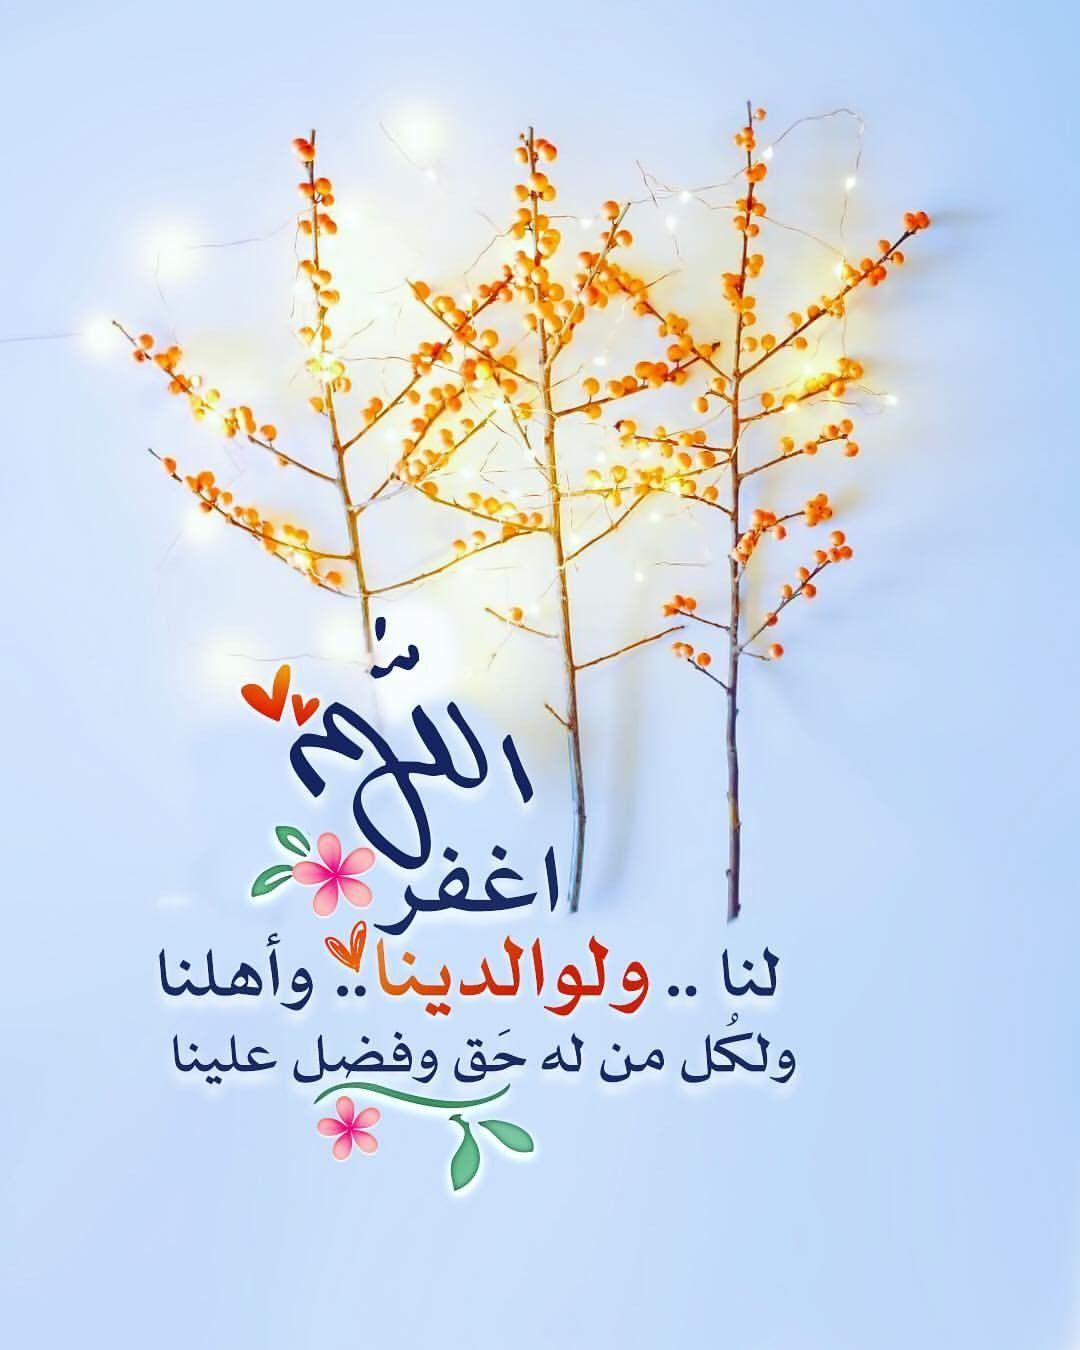 اللهم اغفر لوالدينا Islamic Quotes Quran Girly Quotes Words Quotes